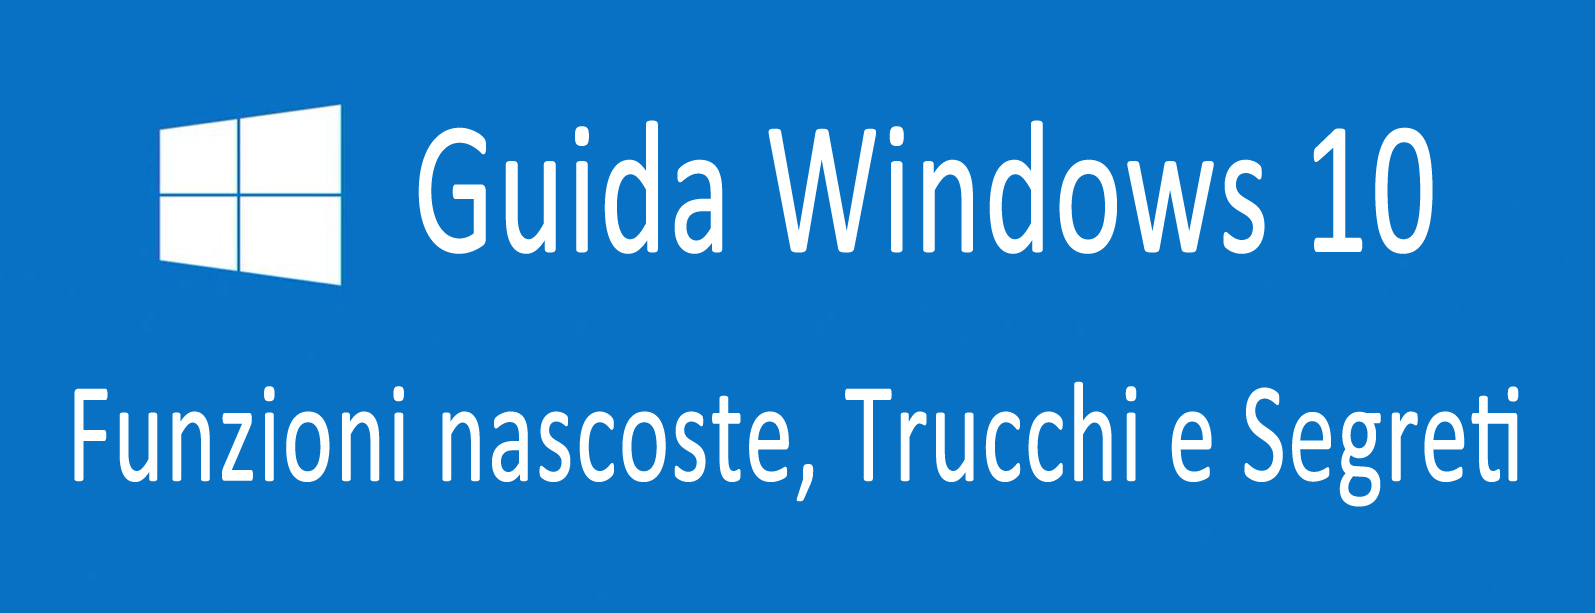 Guida Windows 10 : Funzioni nascoste, Trucchi e Segreti